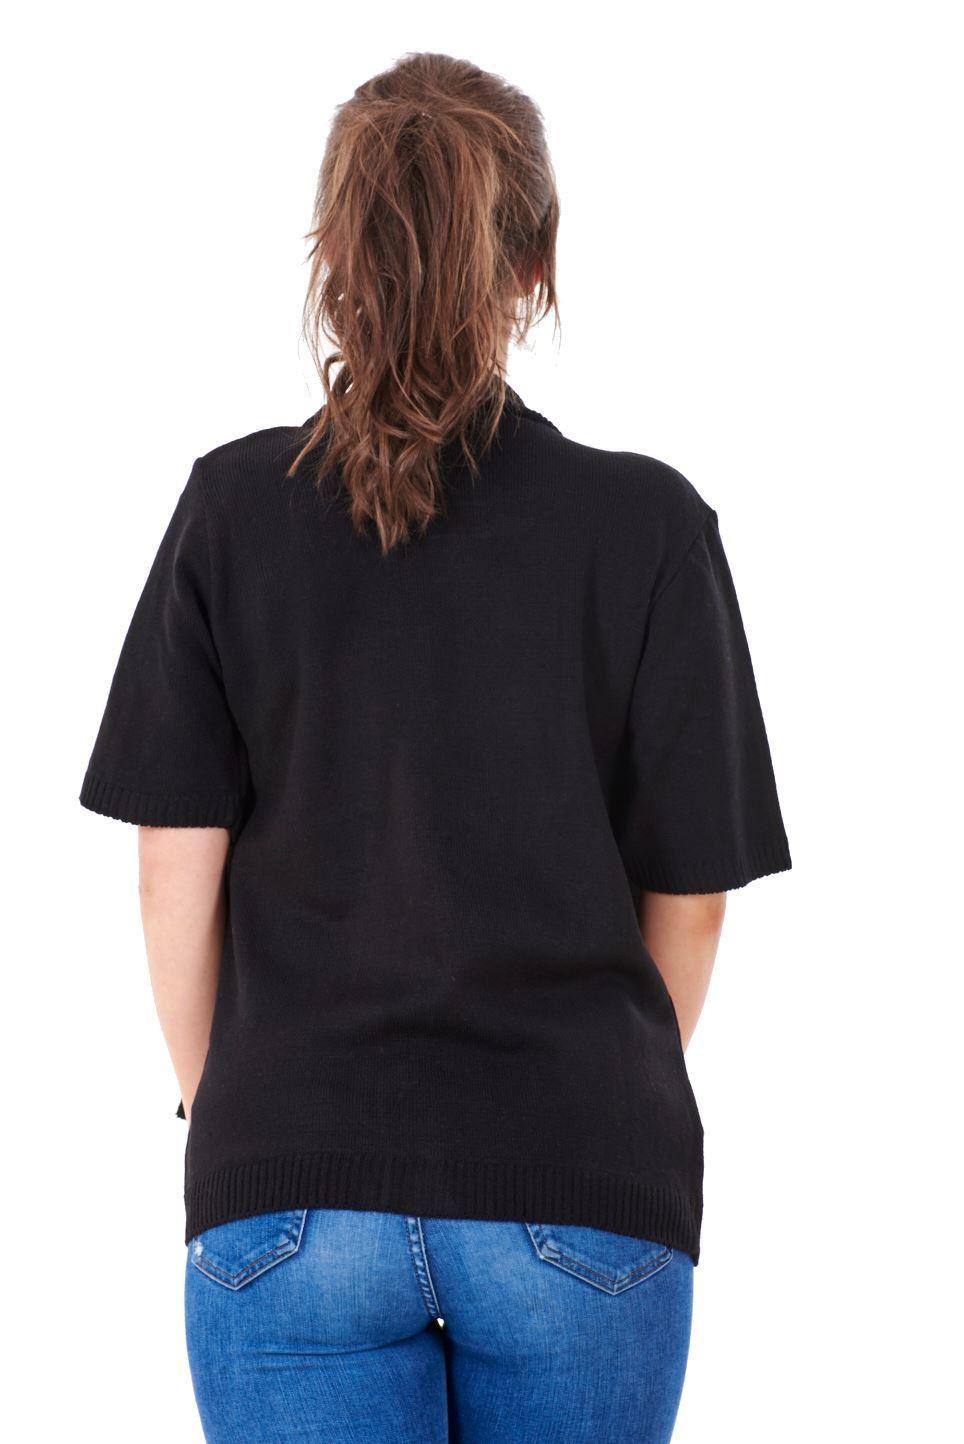 Femme Nouveau Twin Set rayé à encolure ras-du-cou à manches courtes Cardigan cavaliers S-XL